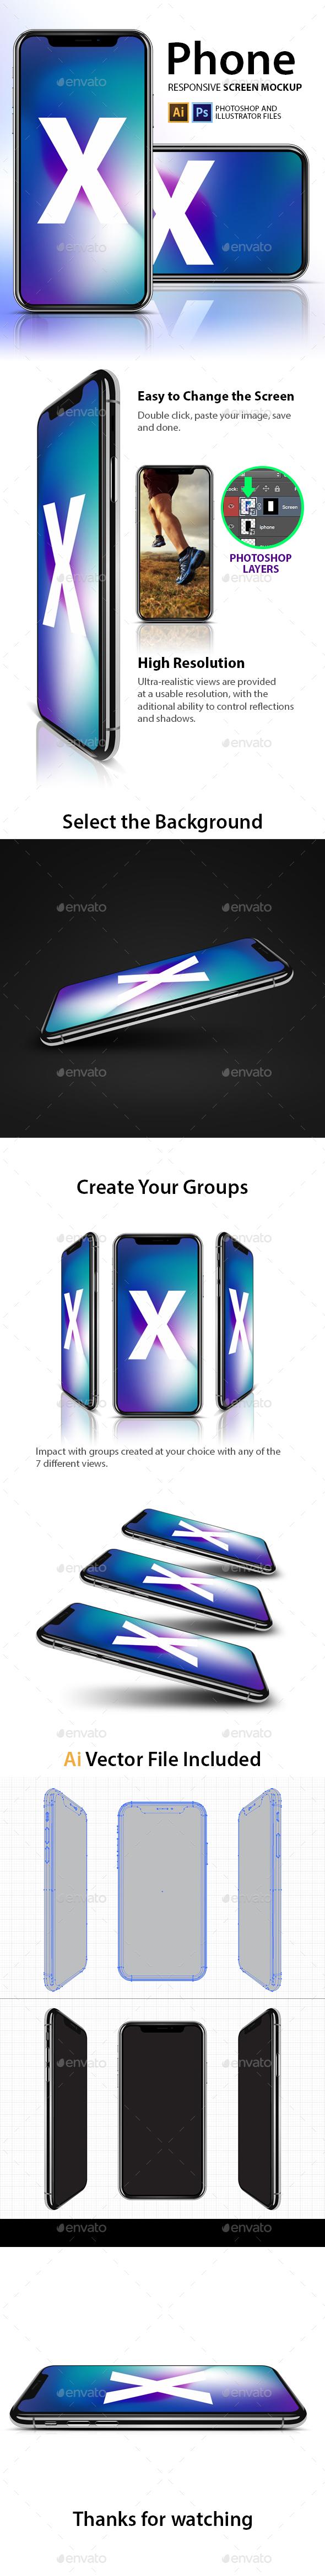 Responsive Screen Mockup Pack - Mobile Displays